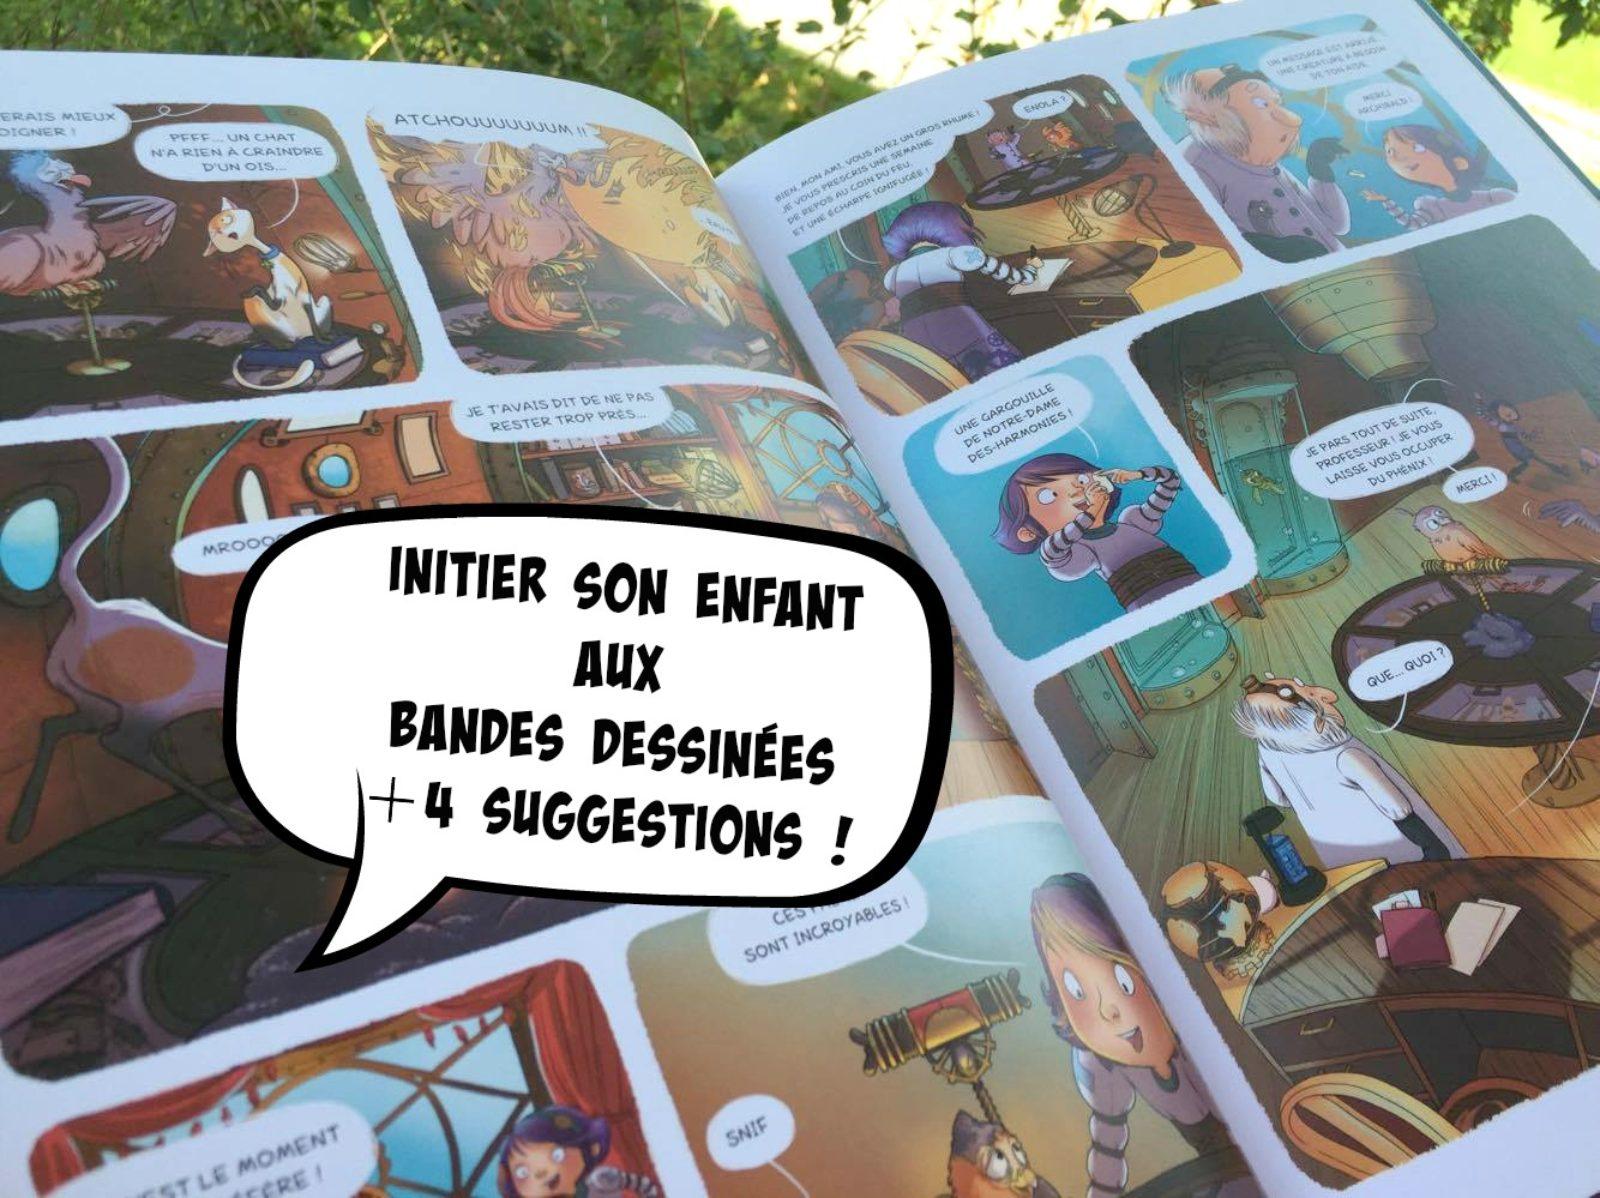 Initier son enfant aux bandes dessinées + 4 suggestions